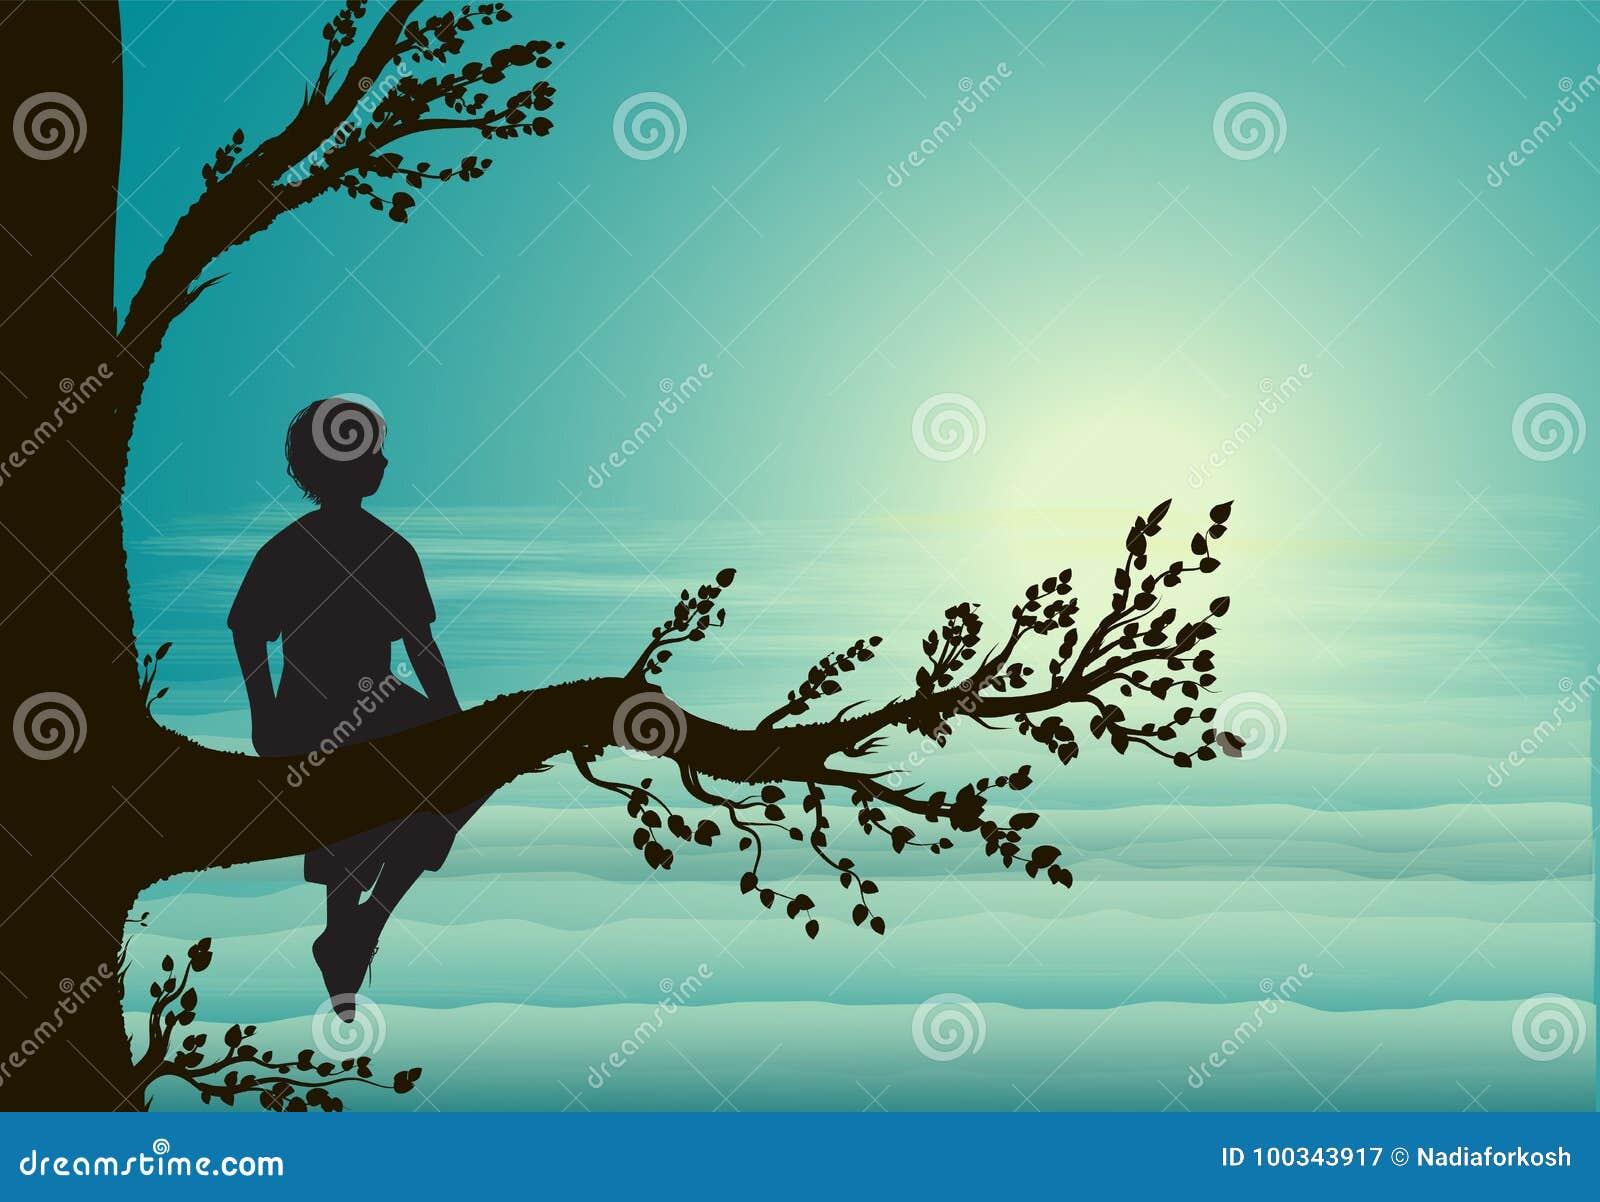 Jongenszitting op grote boomtak, silhouet, geheime plaats, kinderjarengeheugen, droom,